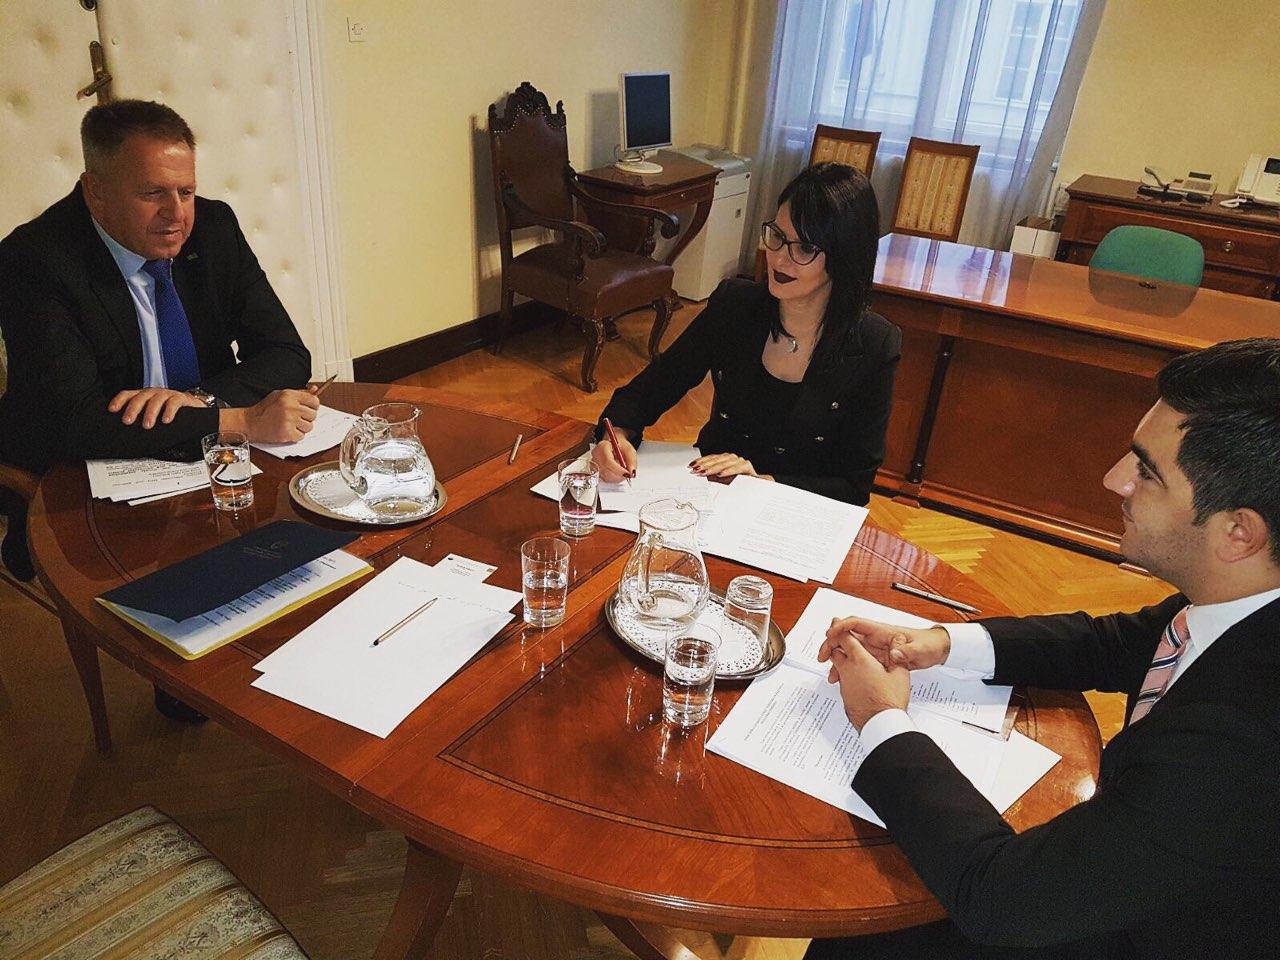 Бектеши Почивалшек  Со заеднички проекти за понатамошна плодна економска соработка меѓу Македонија и Словенија